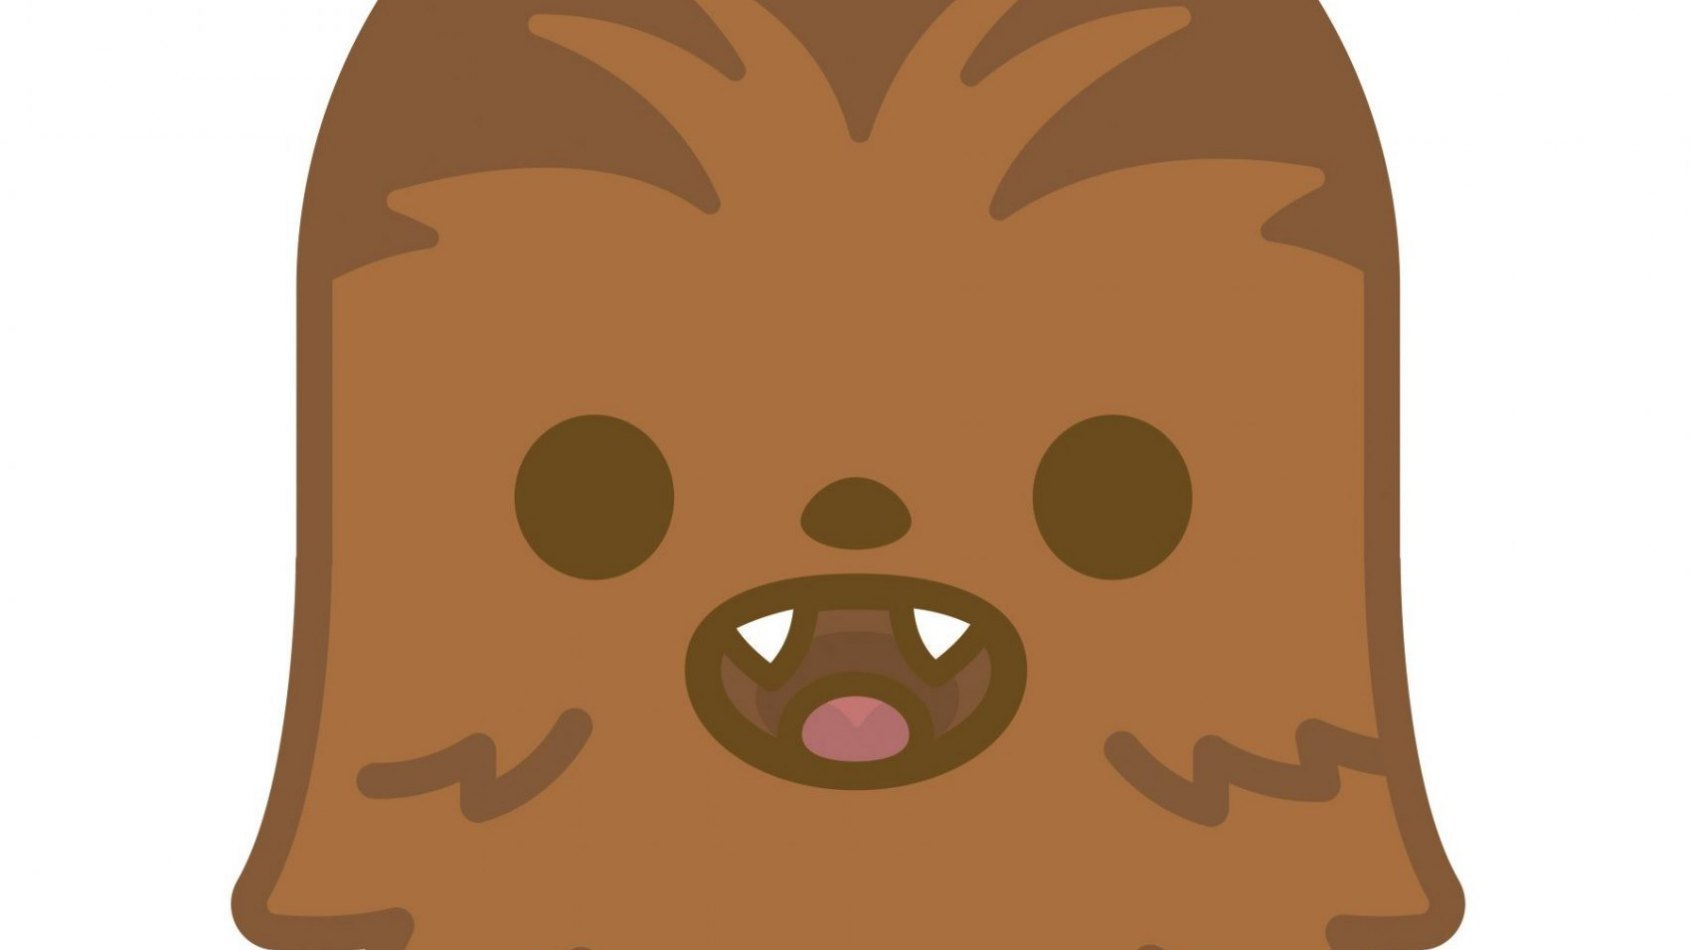 Le R�veil de la Force r�sum� avec des emojis !